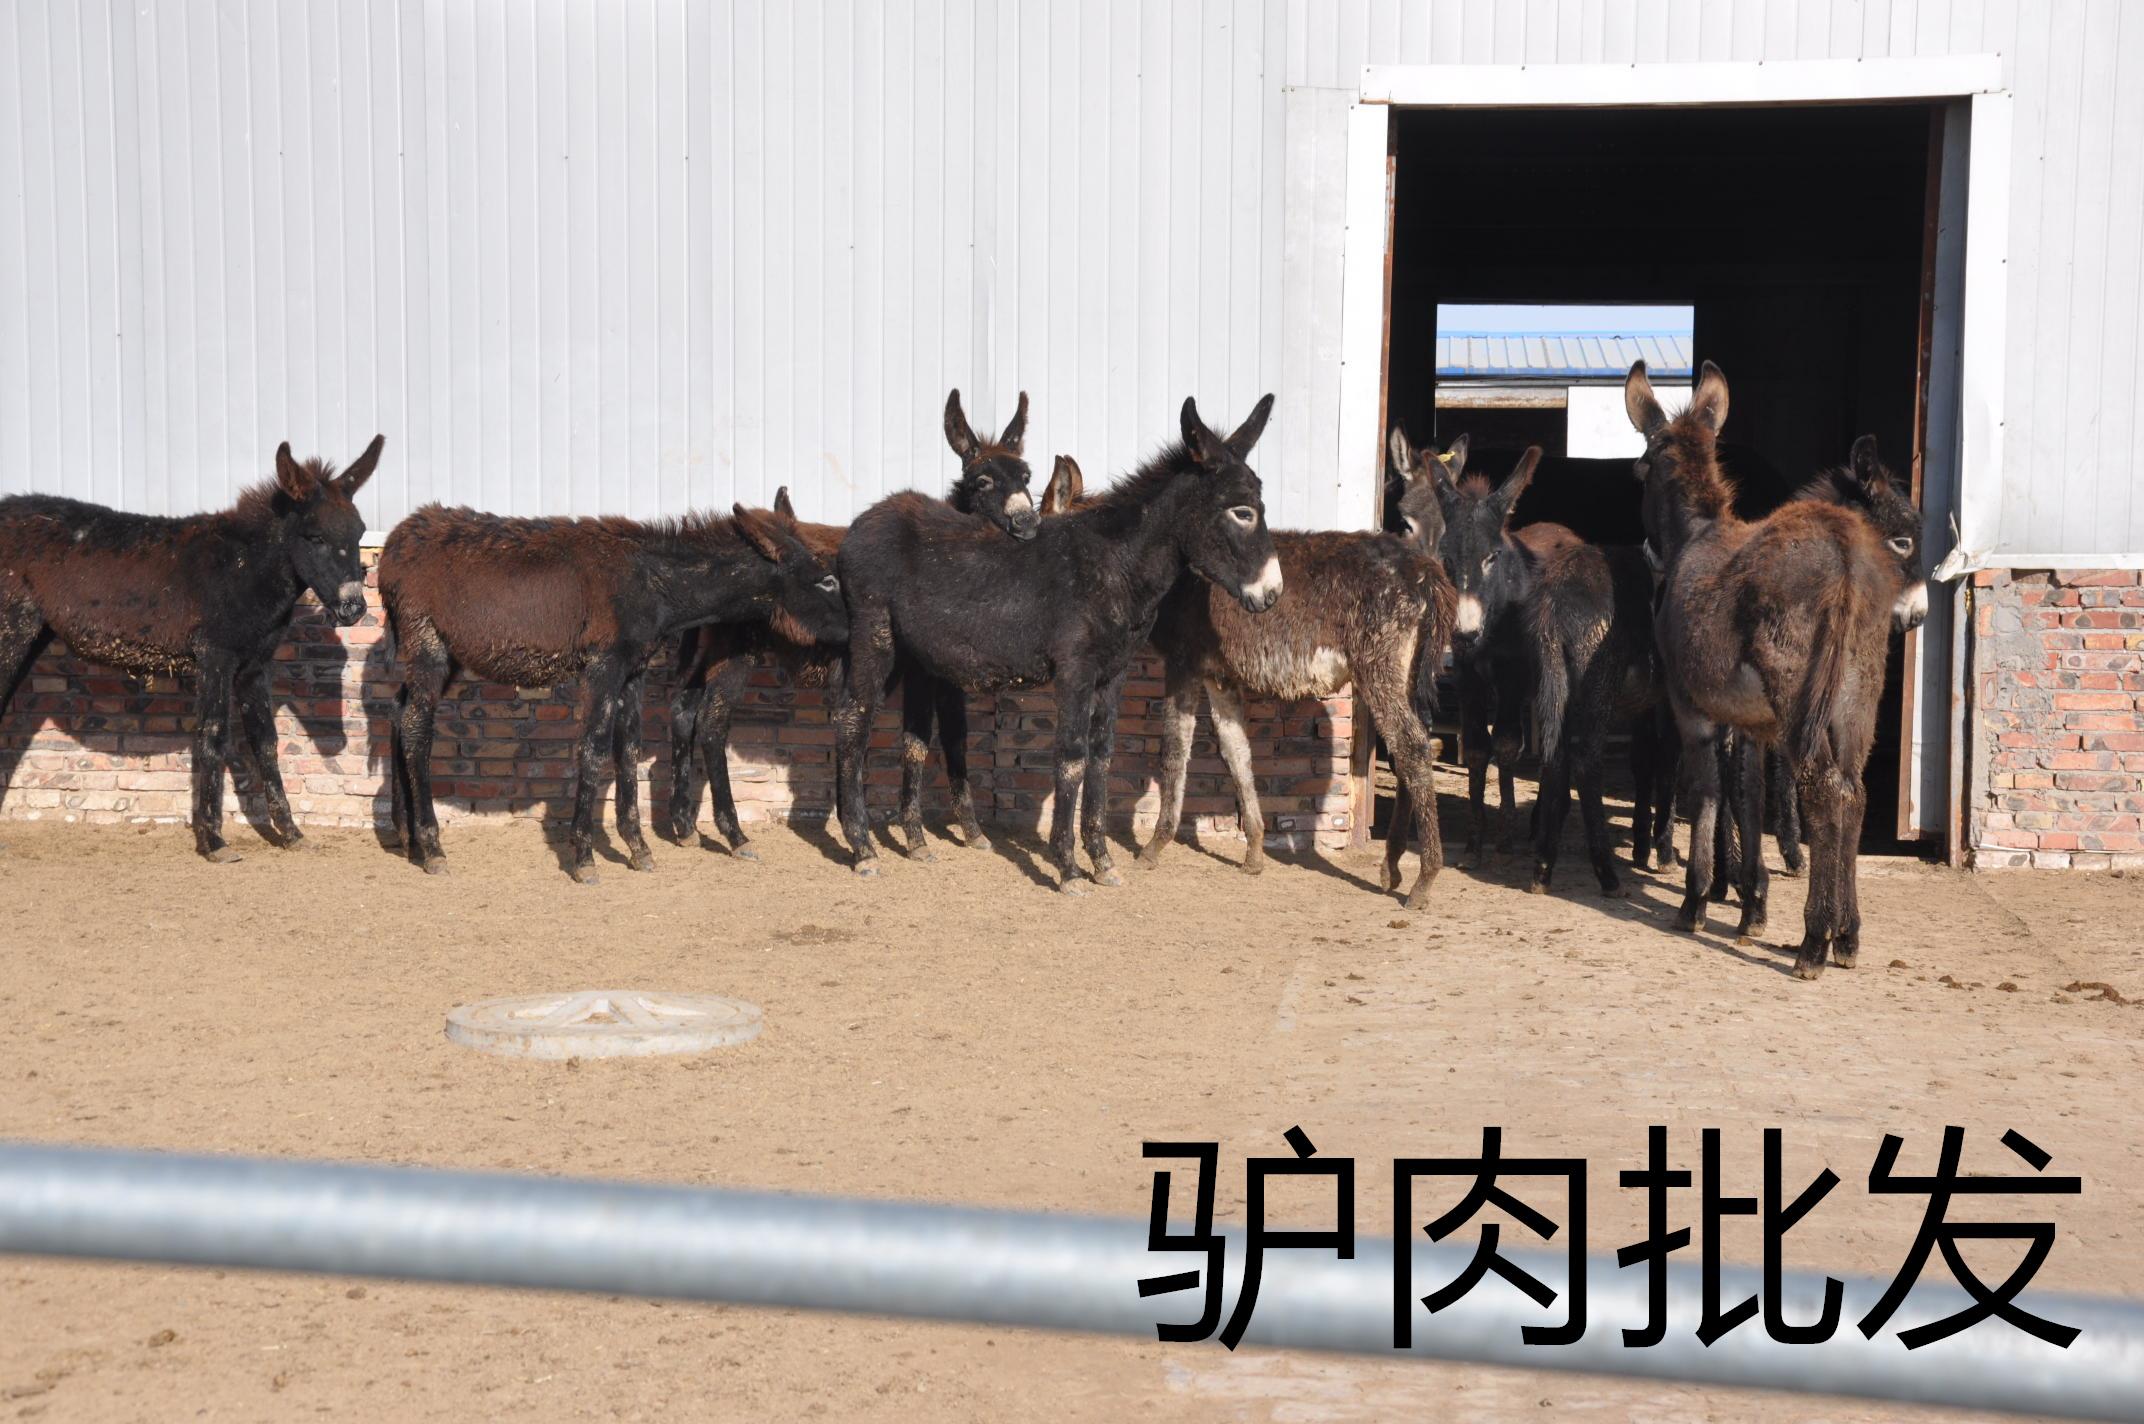 鼎晟龙—首选的驴肉批发生产基地